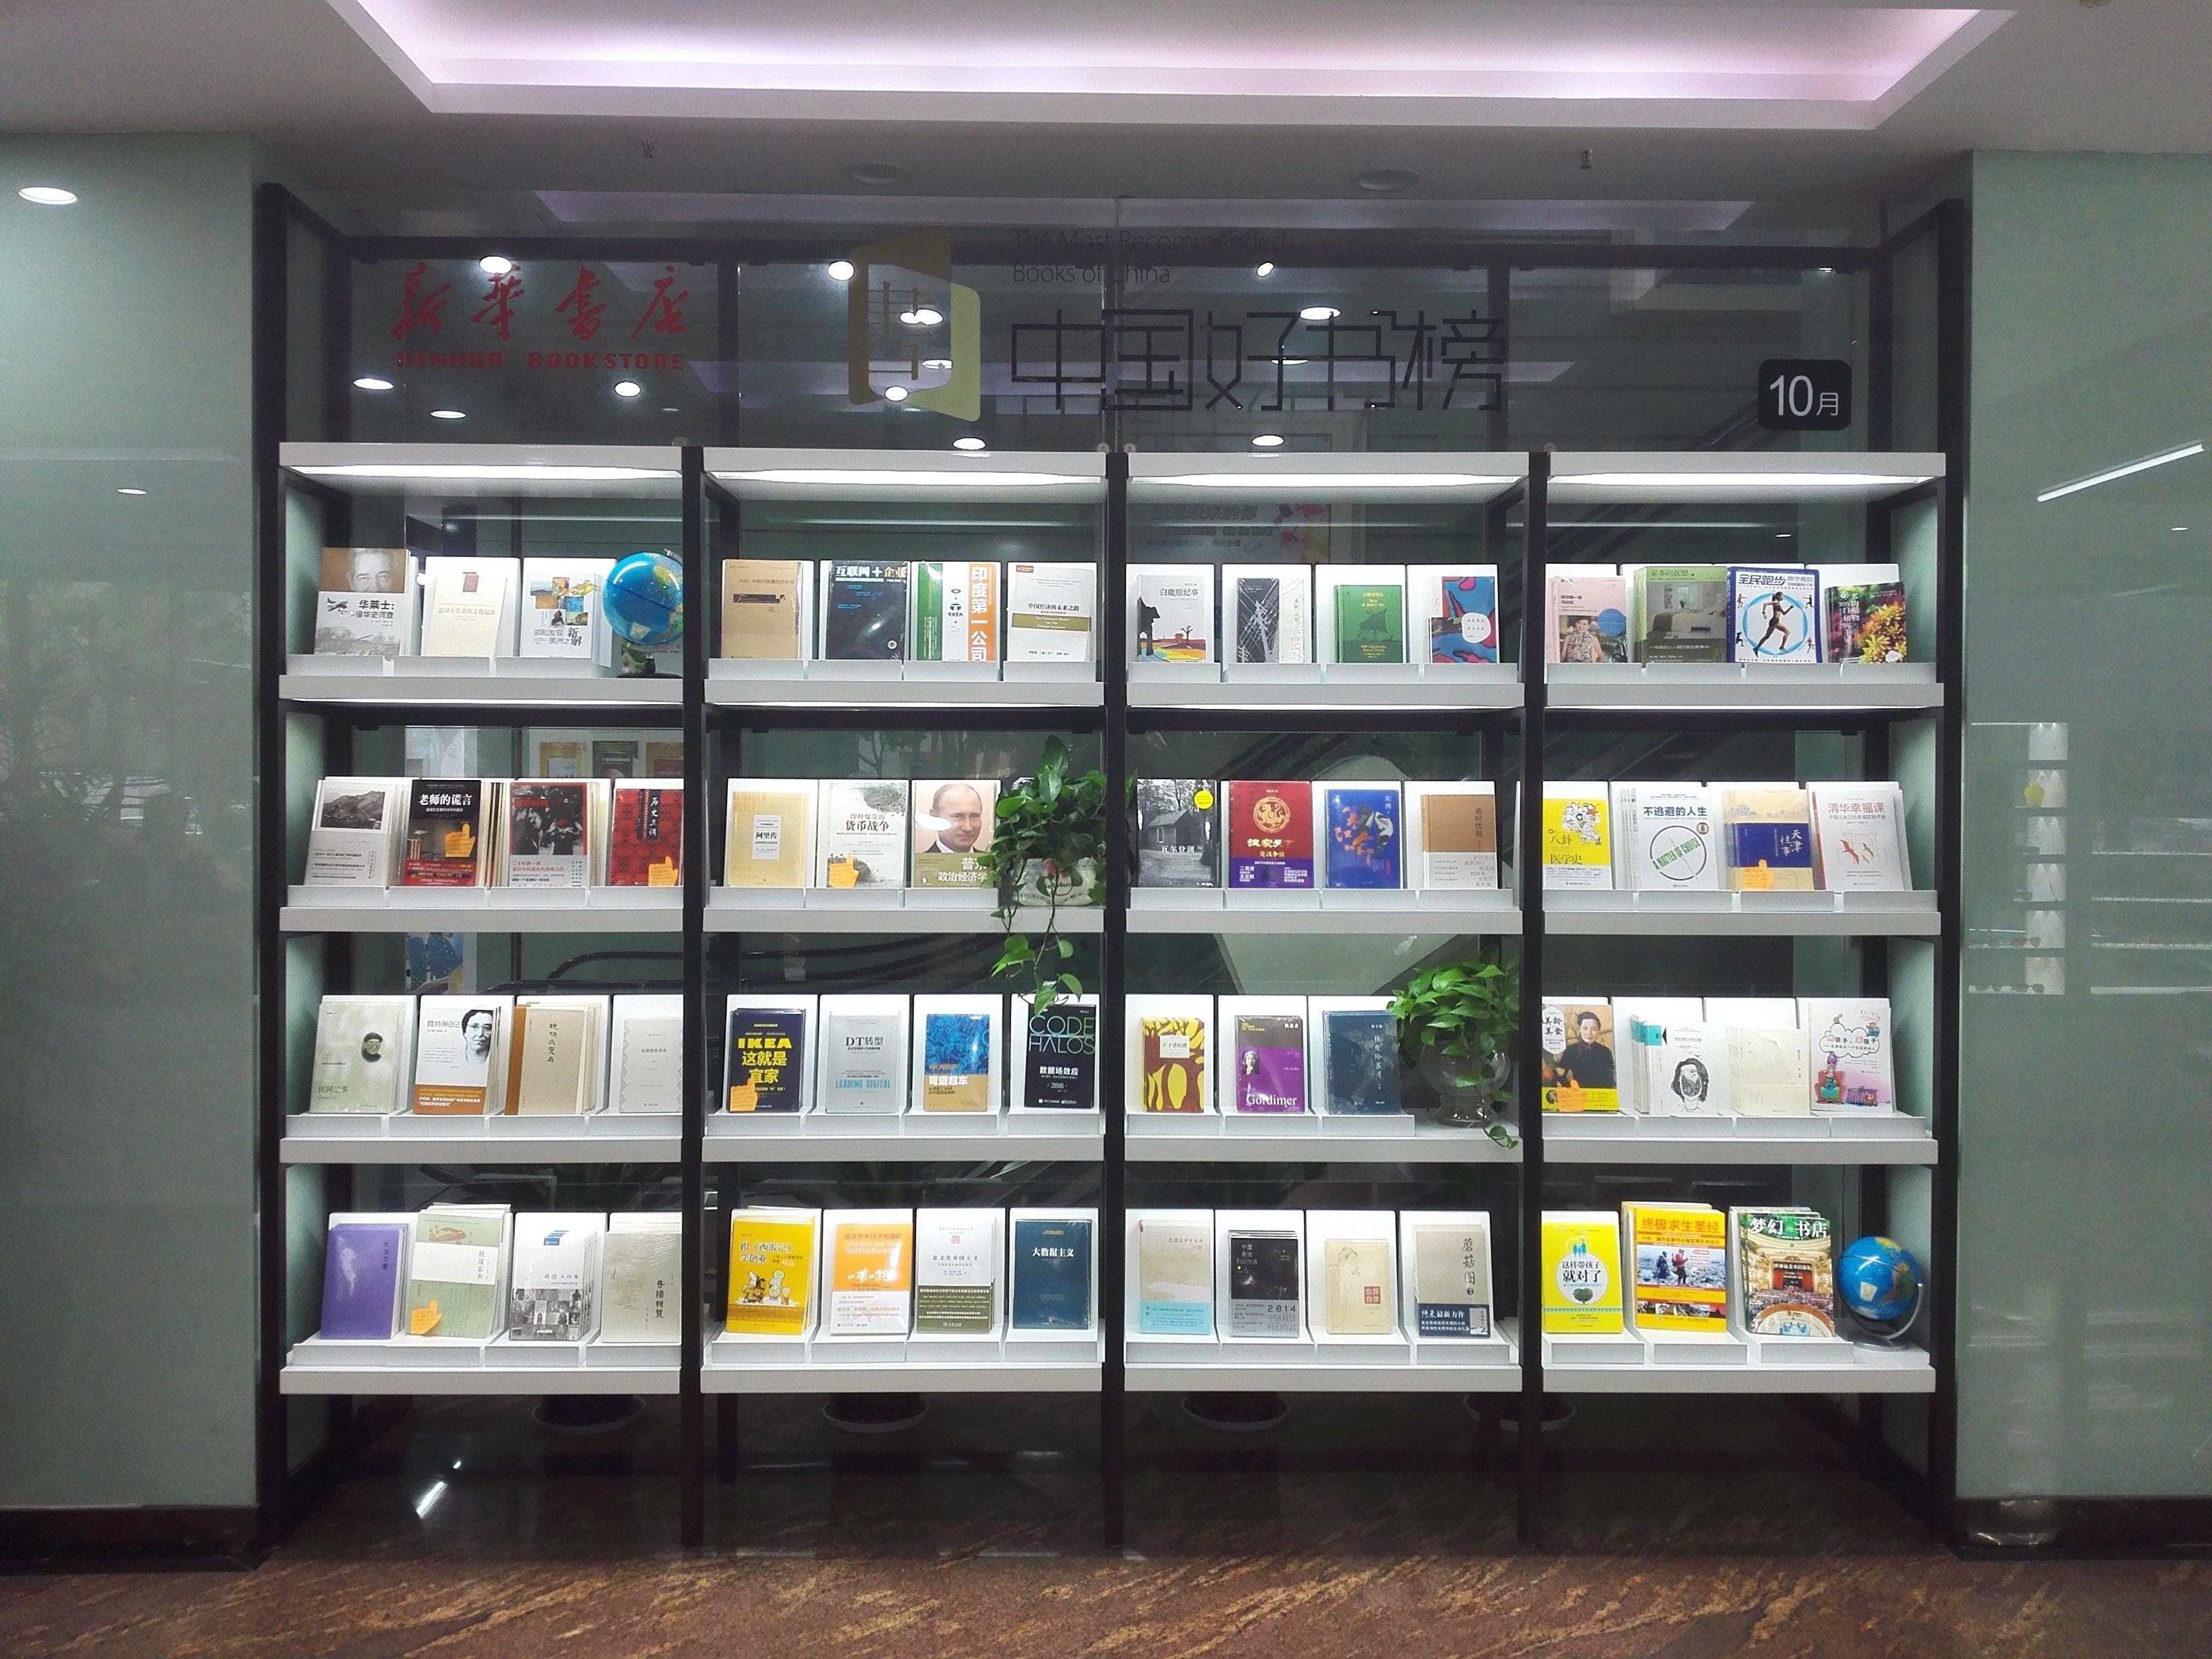 浙江萧山新华书店:图书推荐是书店与读者有温度的交流